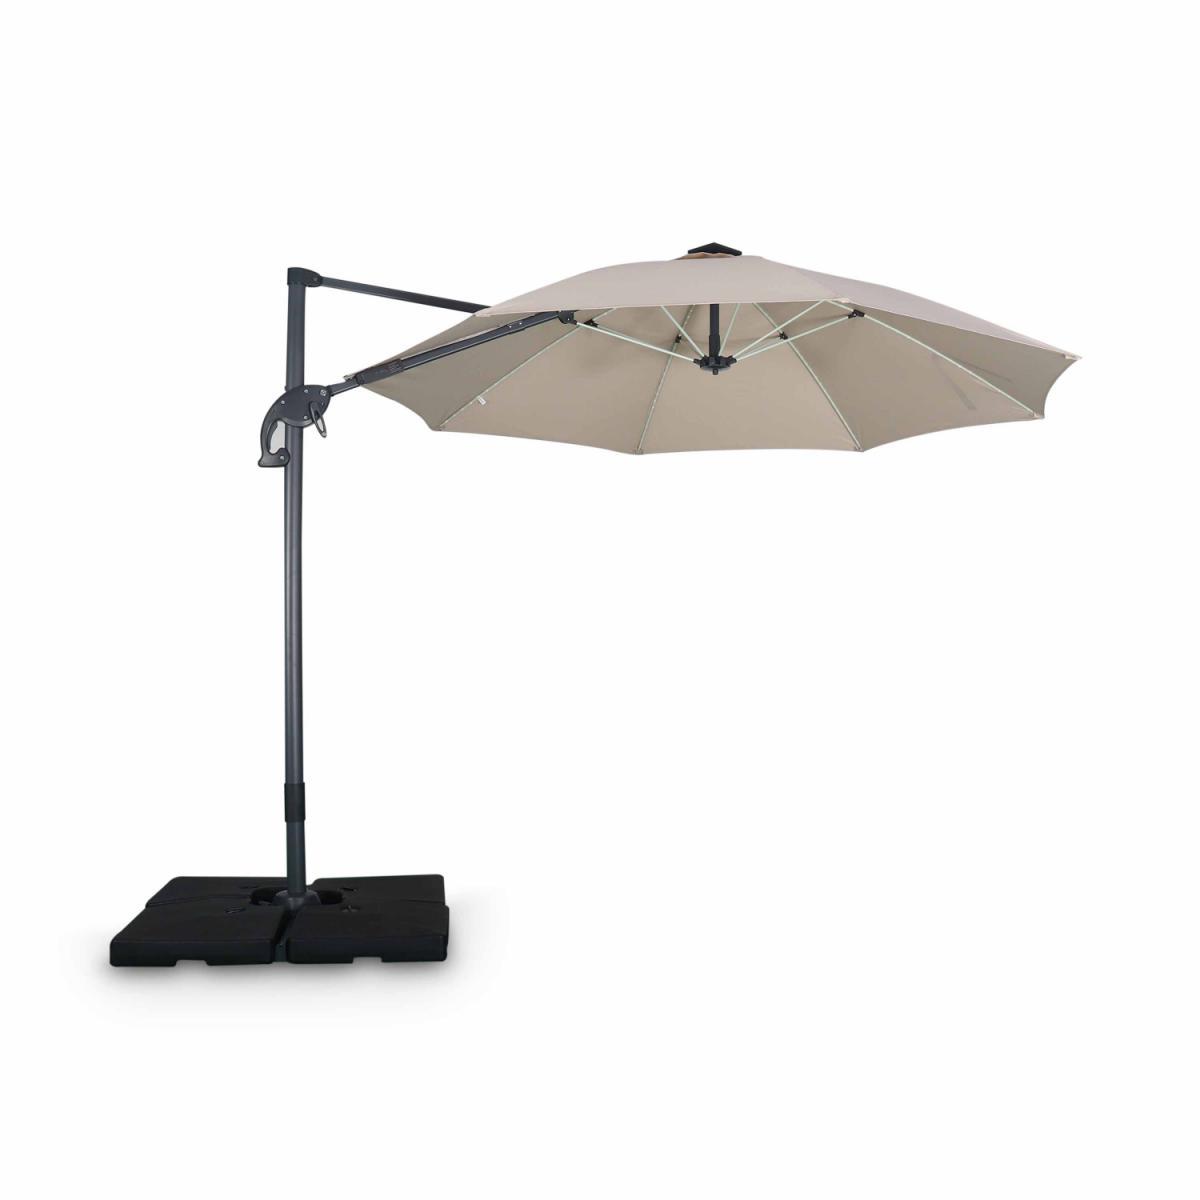 Alice'S Garden Parasol led déporté rond Ø300 cm ? Dinard ? Beige ? parasol exporté, inclinable, rabattable, baleines en fibre de verre